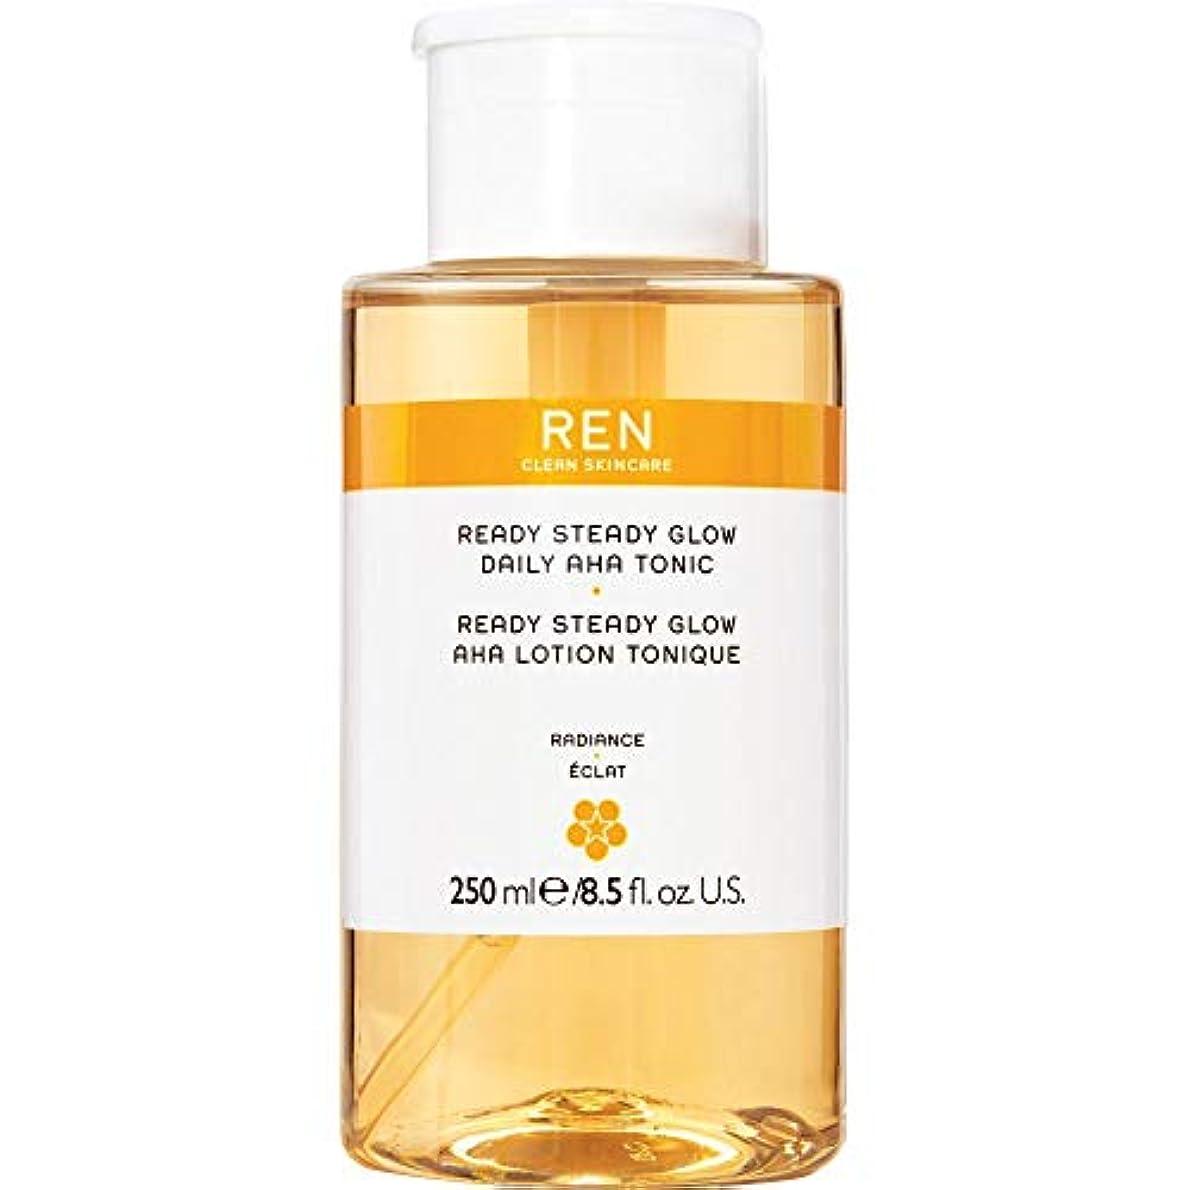 フェローシップ多様なバスト[REN] 準備ができて安定したグロー毎日Ahaの強壮剤の250ミリリットルをRen - REN Ready Steady Glow Daily AHA Tonic 250ml [並行輸入品]